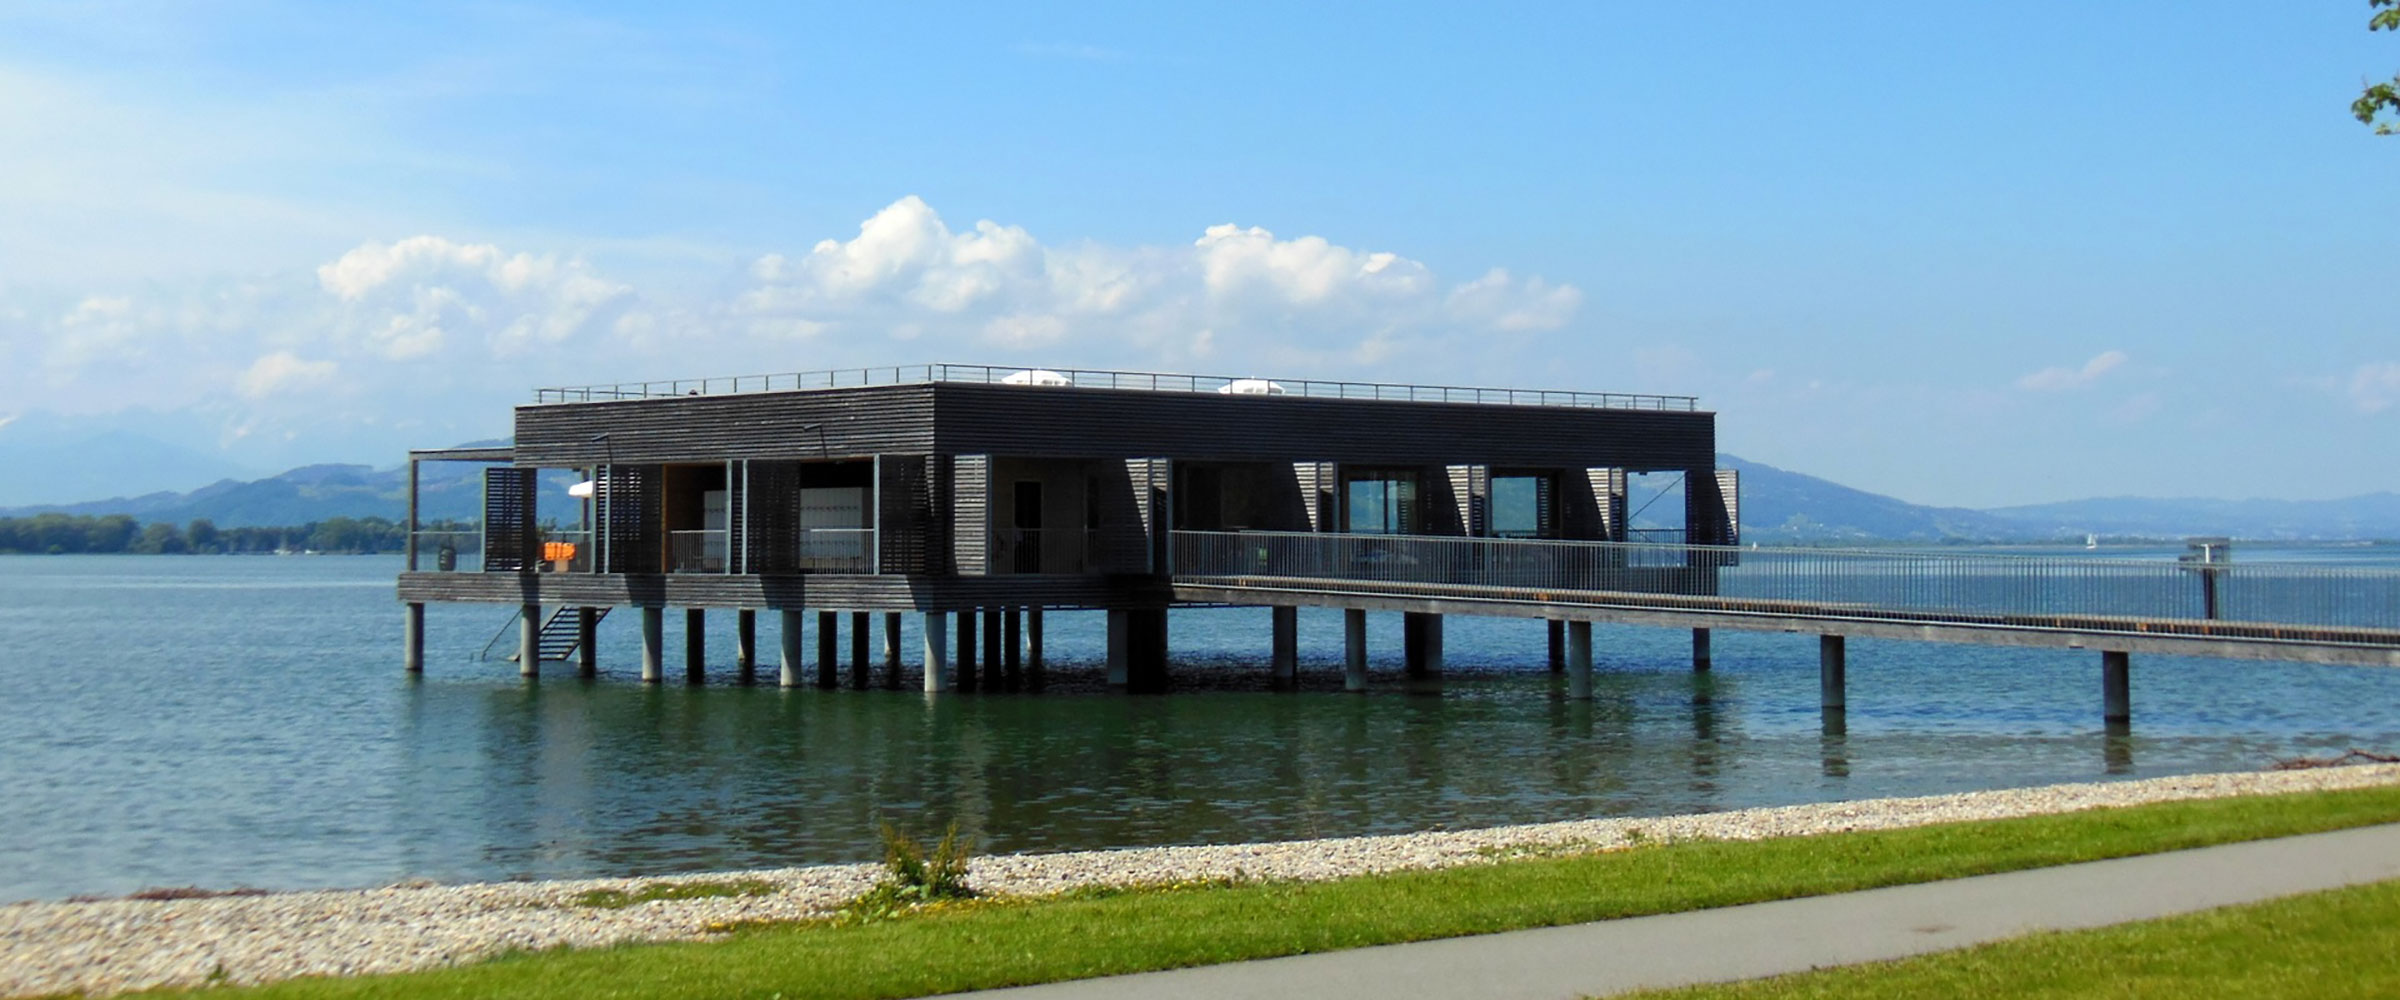 Ein großes Holzpfahlhaus im Plattform-Design in einem großen See; vom Ufer führt ein langer Steg zum Haus.